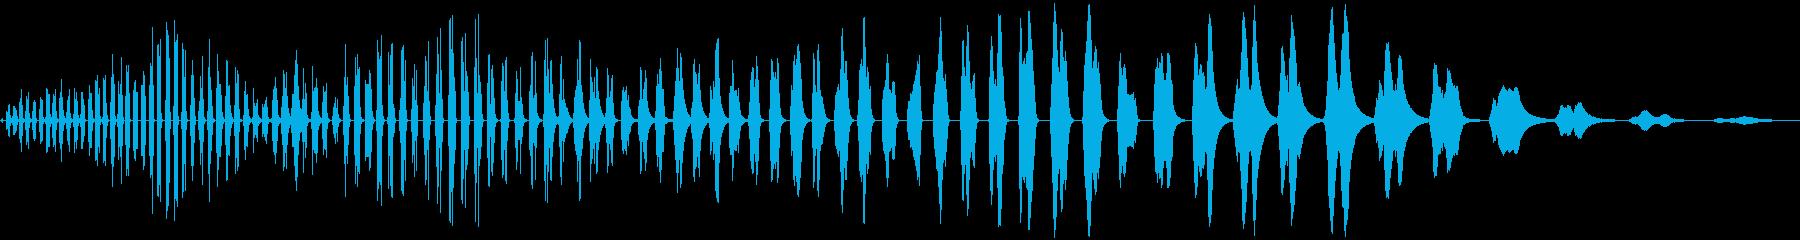 ダウンダウンザップの再生済みの波形